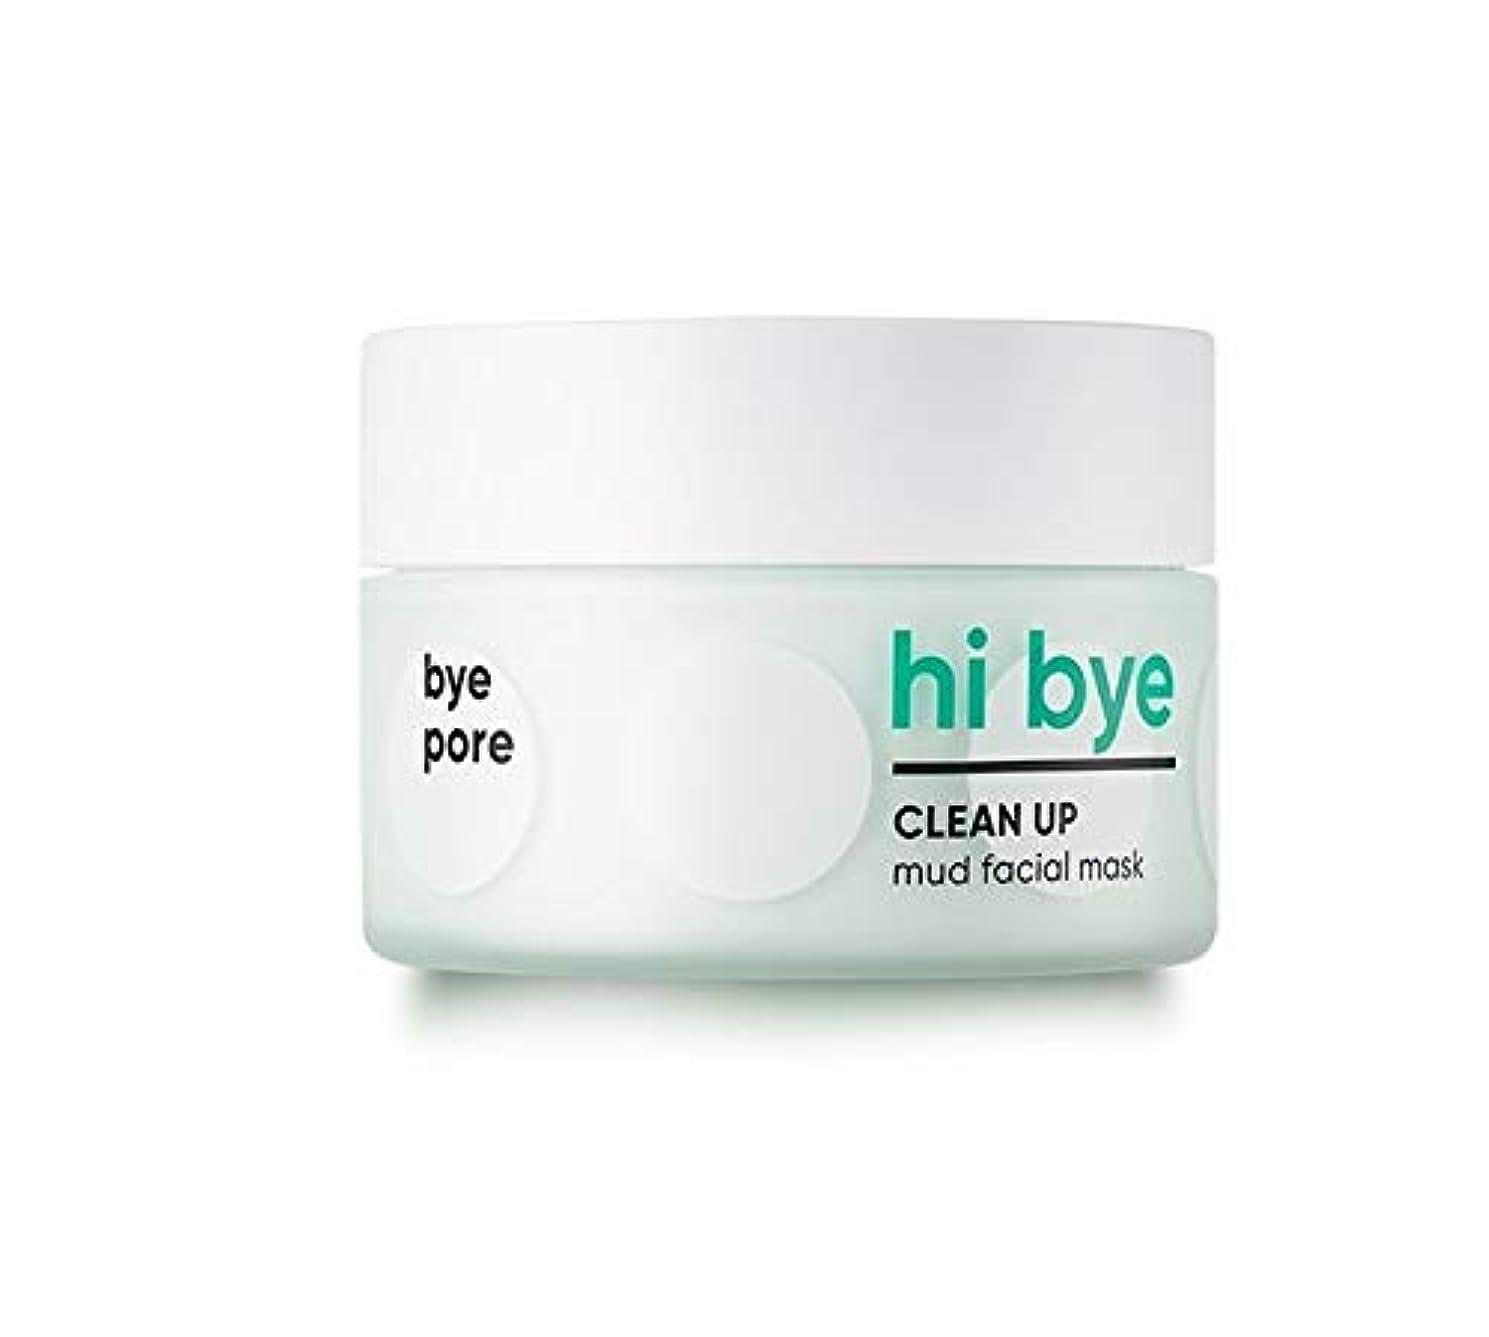 リンス息苦しいアクションbanilaco こんにちはバイクリーンアップマッドフェイシャルマスク/Hi Bye Clean Up Mud Facial Mask 100ml [並行輸入品]